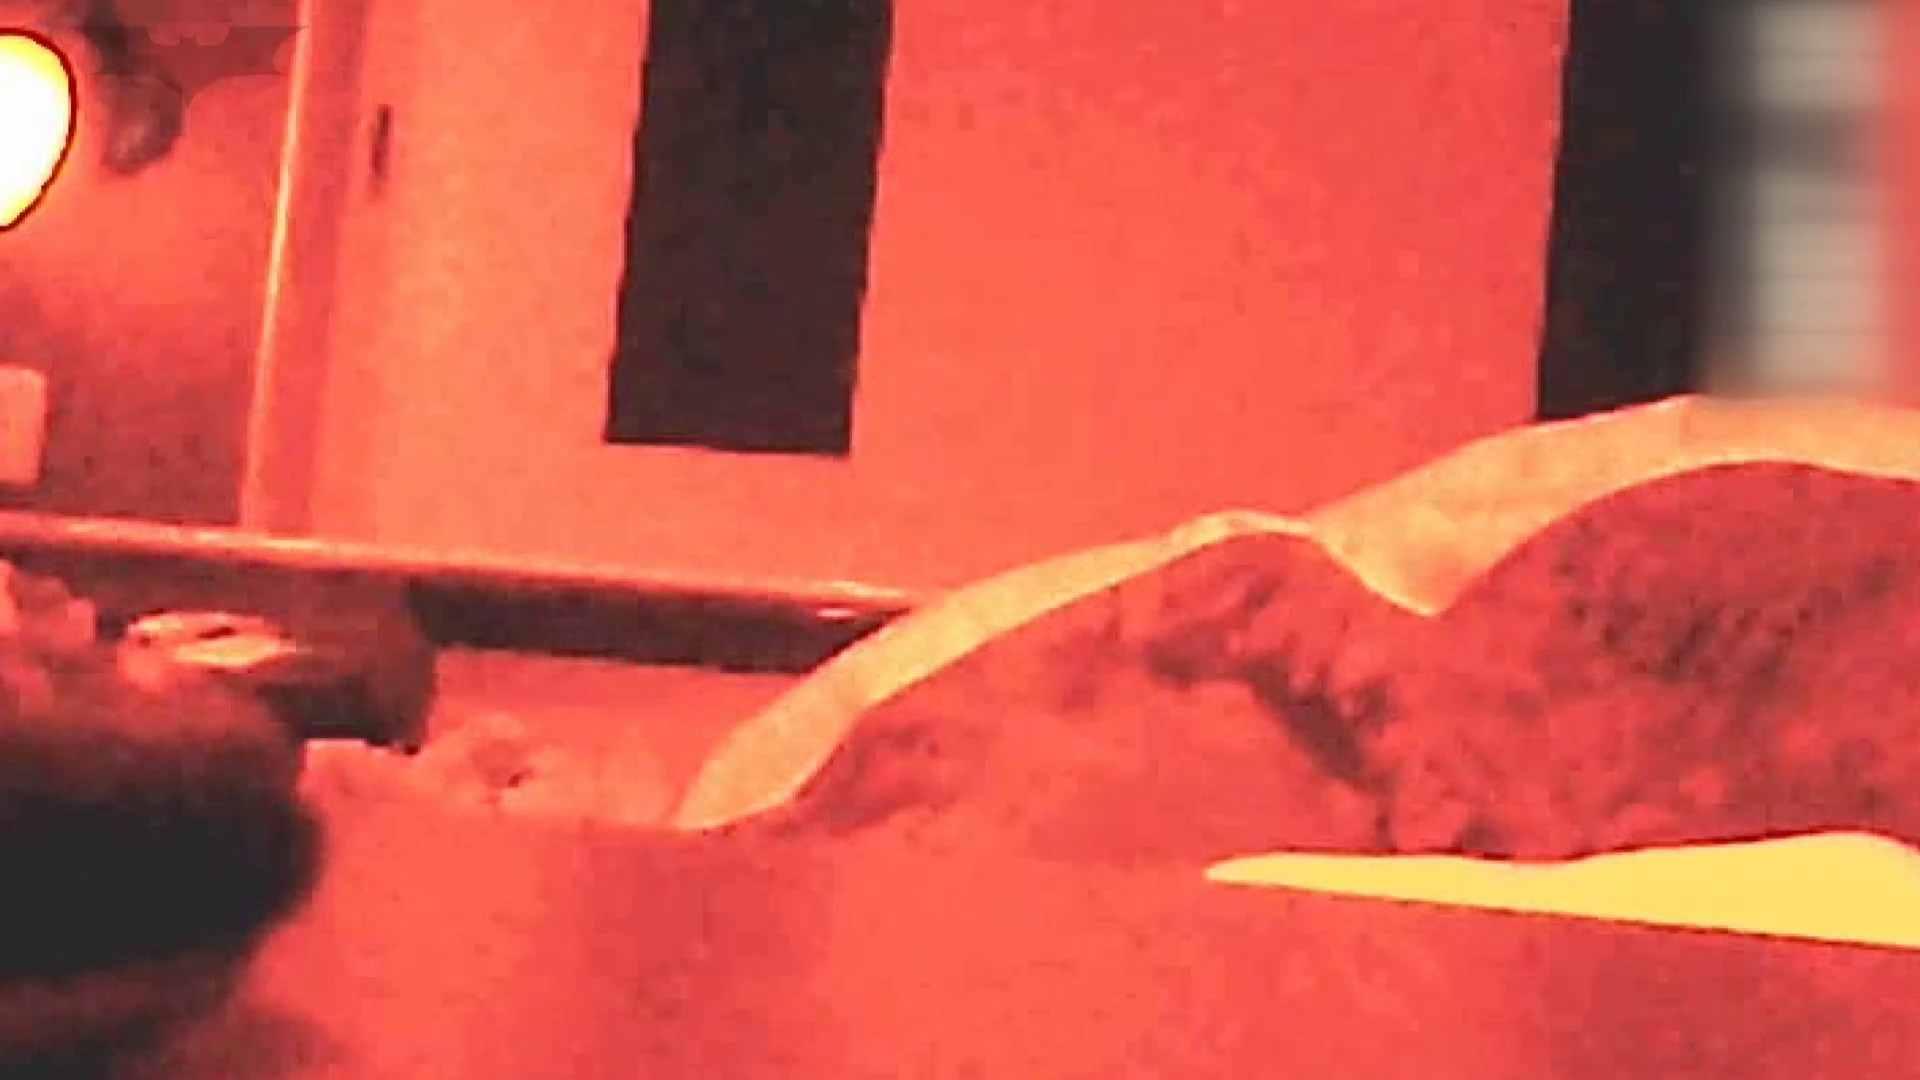 ▲2017_05位▲ 学園アイドル美人女子大生!❶4人厳選詰合せVol.49 人気作 盗撮エロ画像 45pic 44